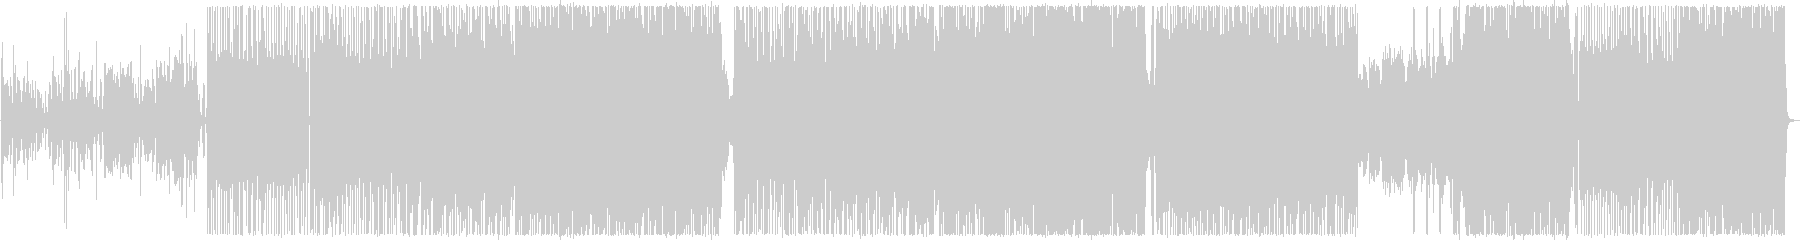 ピアノの旋律が印象的なメタルバラードの未再生の波形